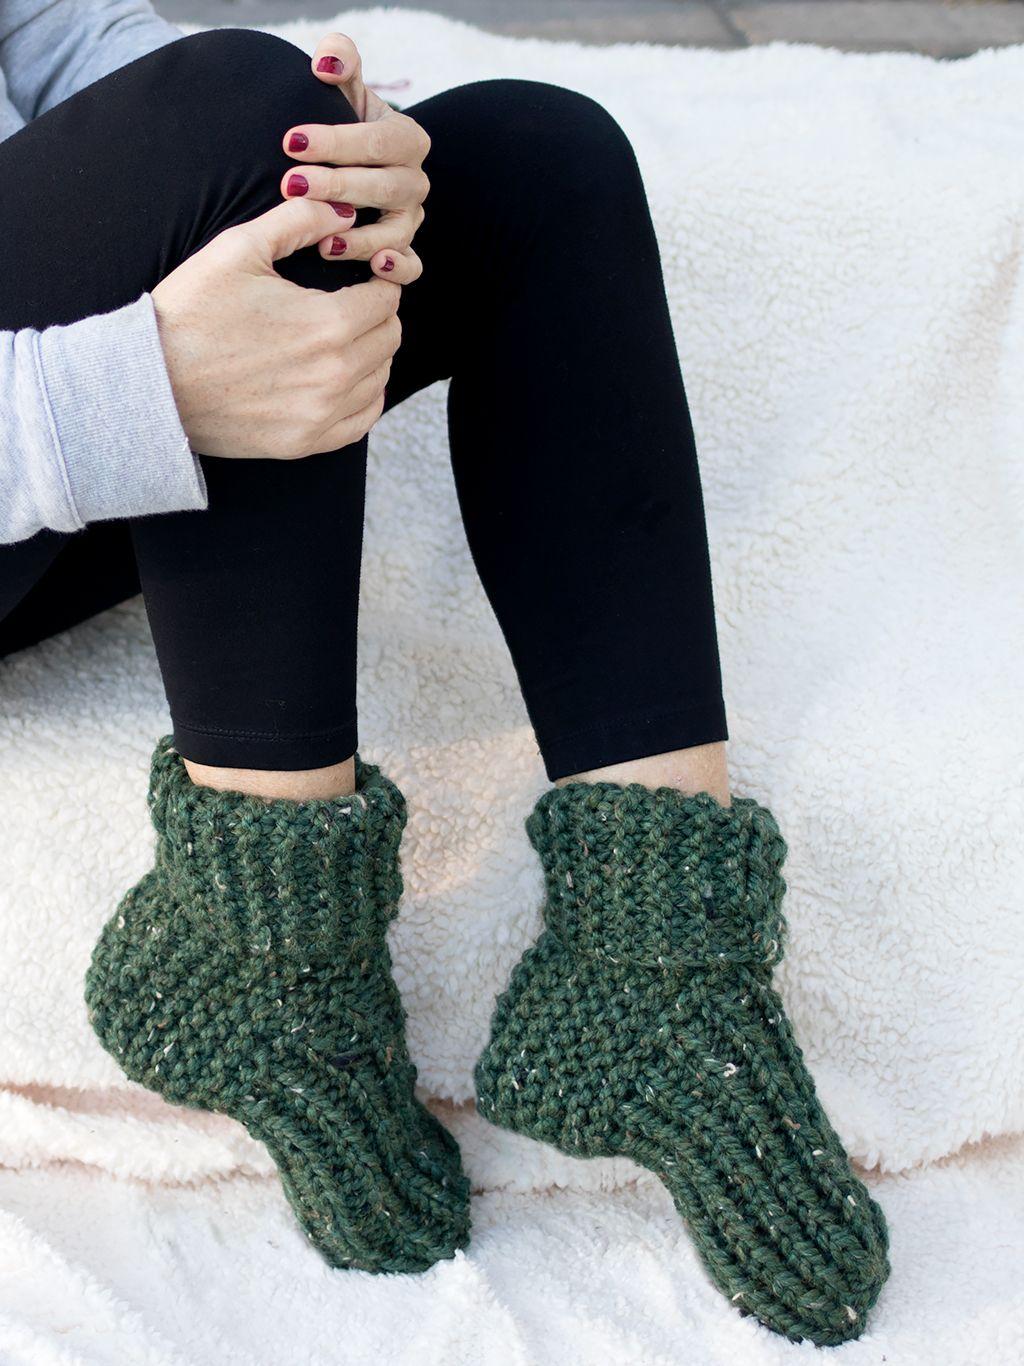 Flat Knit Slippers Knitting Pattern - Gina Michele